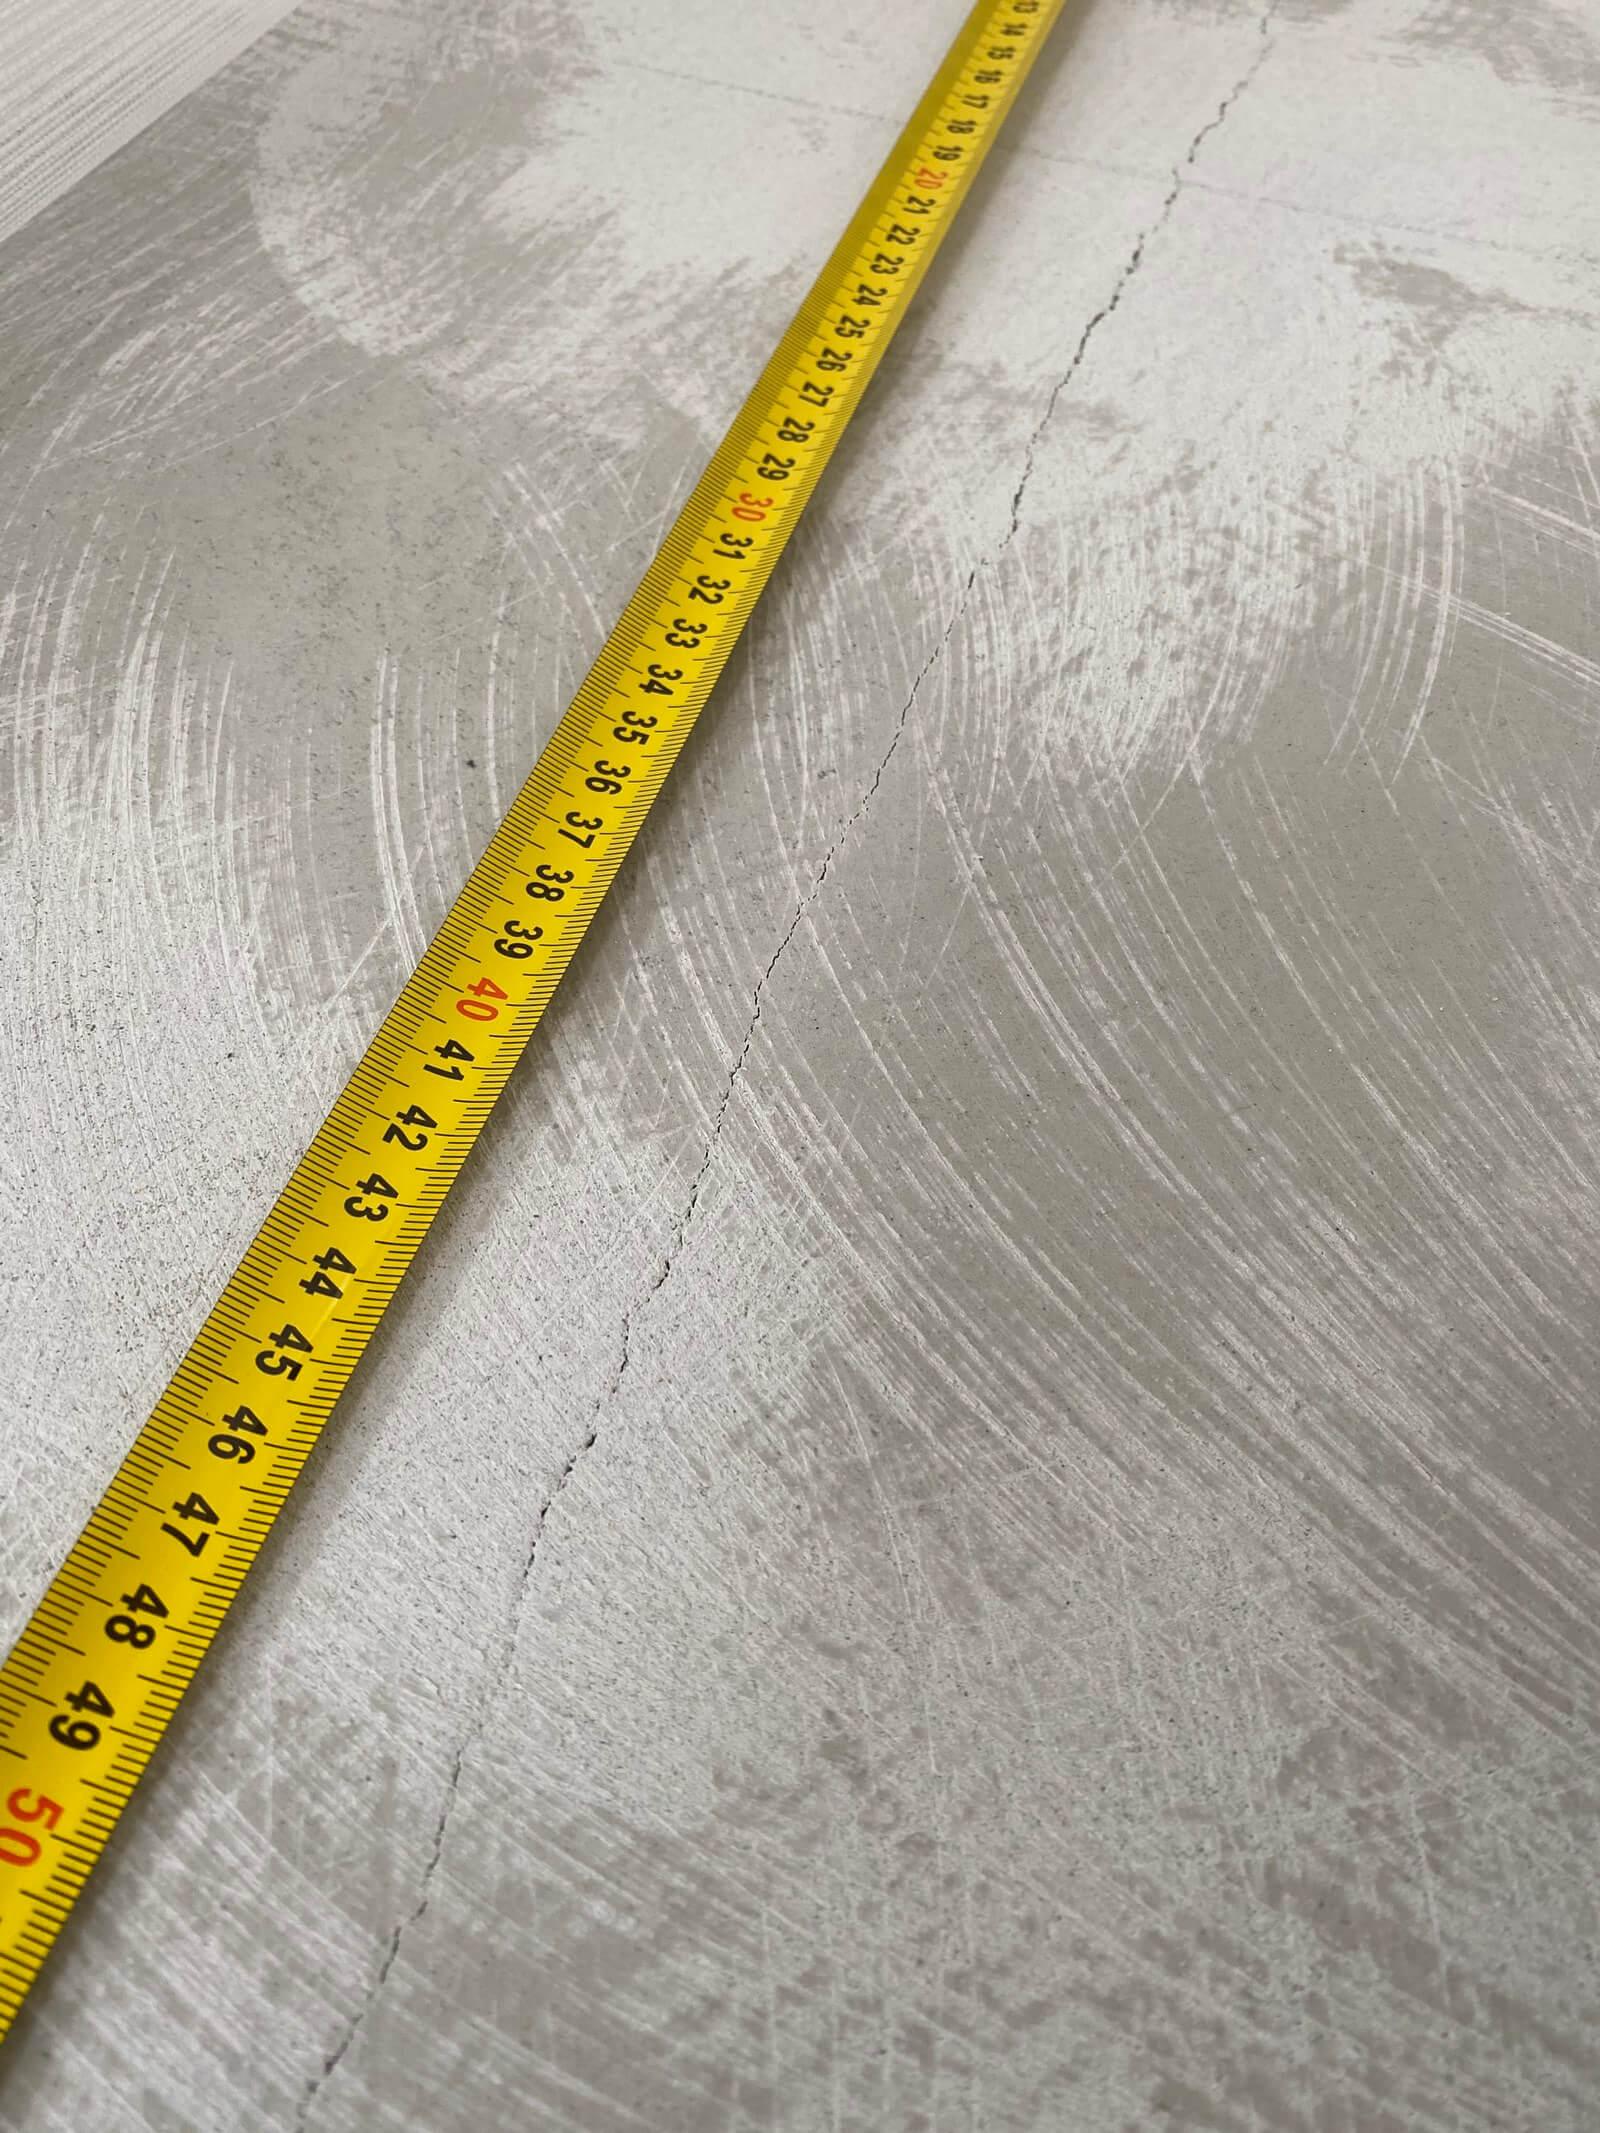 naprawa peknietej posadzki szczecin 1 - Naprawa pęknięć posadzki (zszywanie)